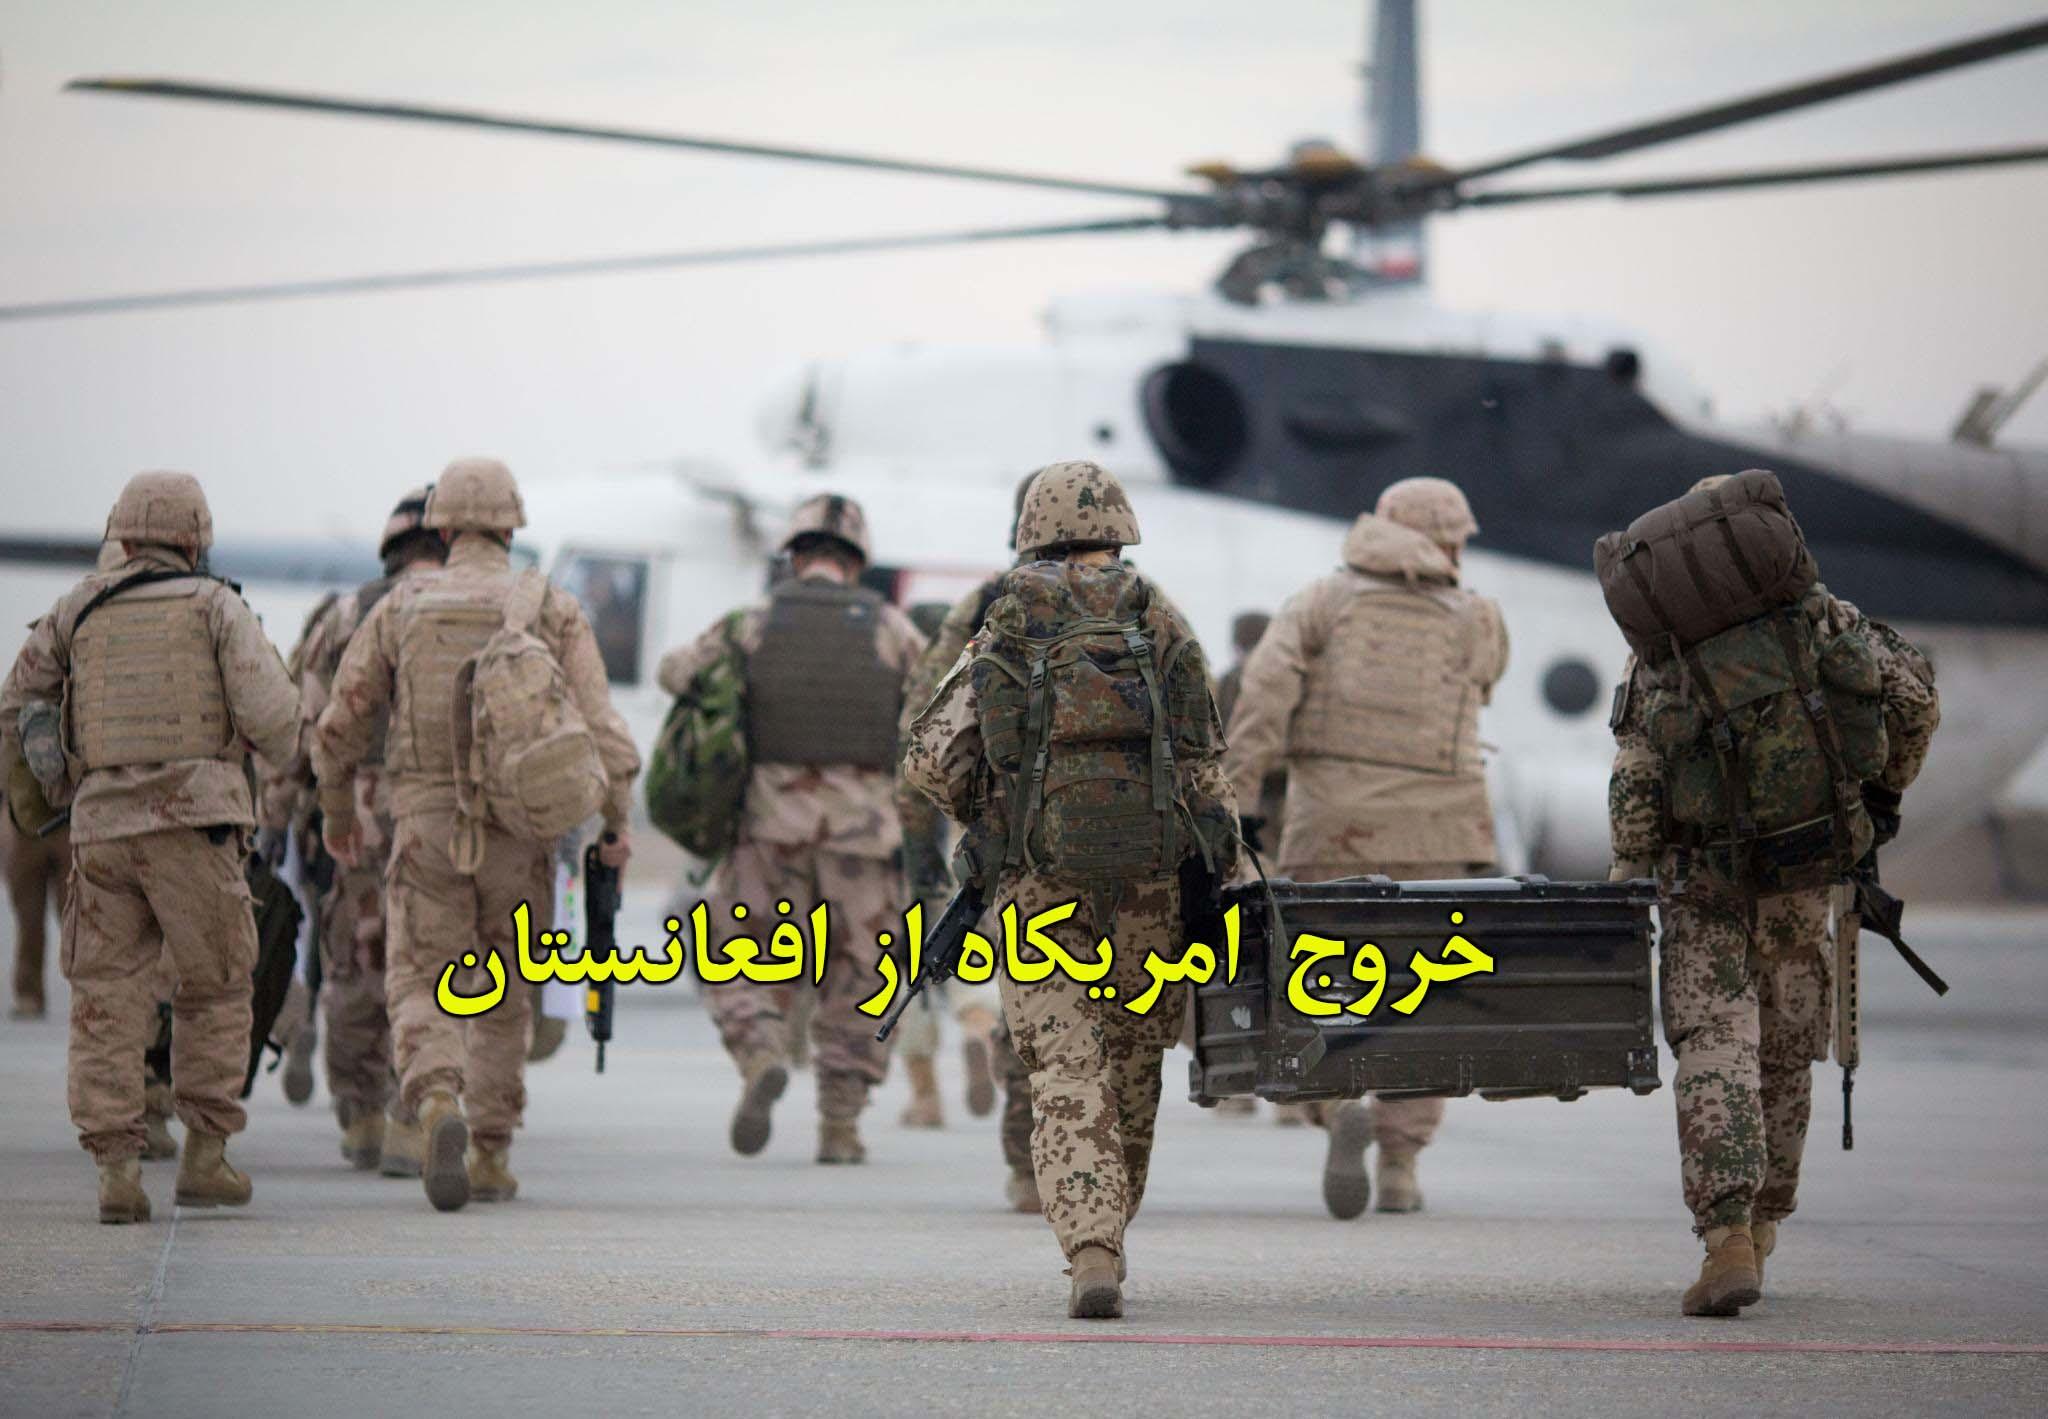 خروج نیروهای آمریکاه از افغانستان